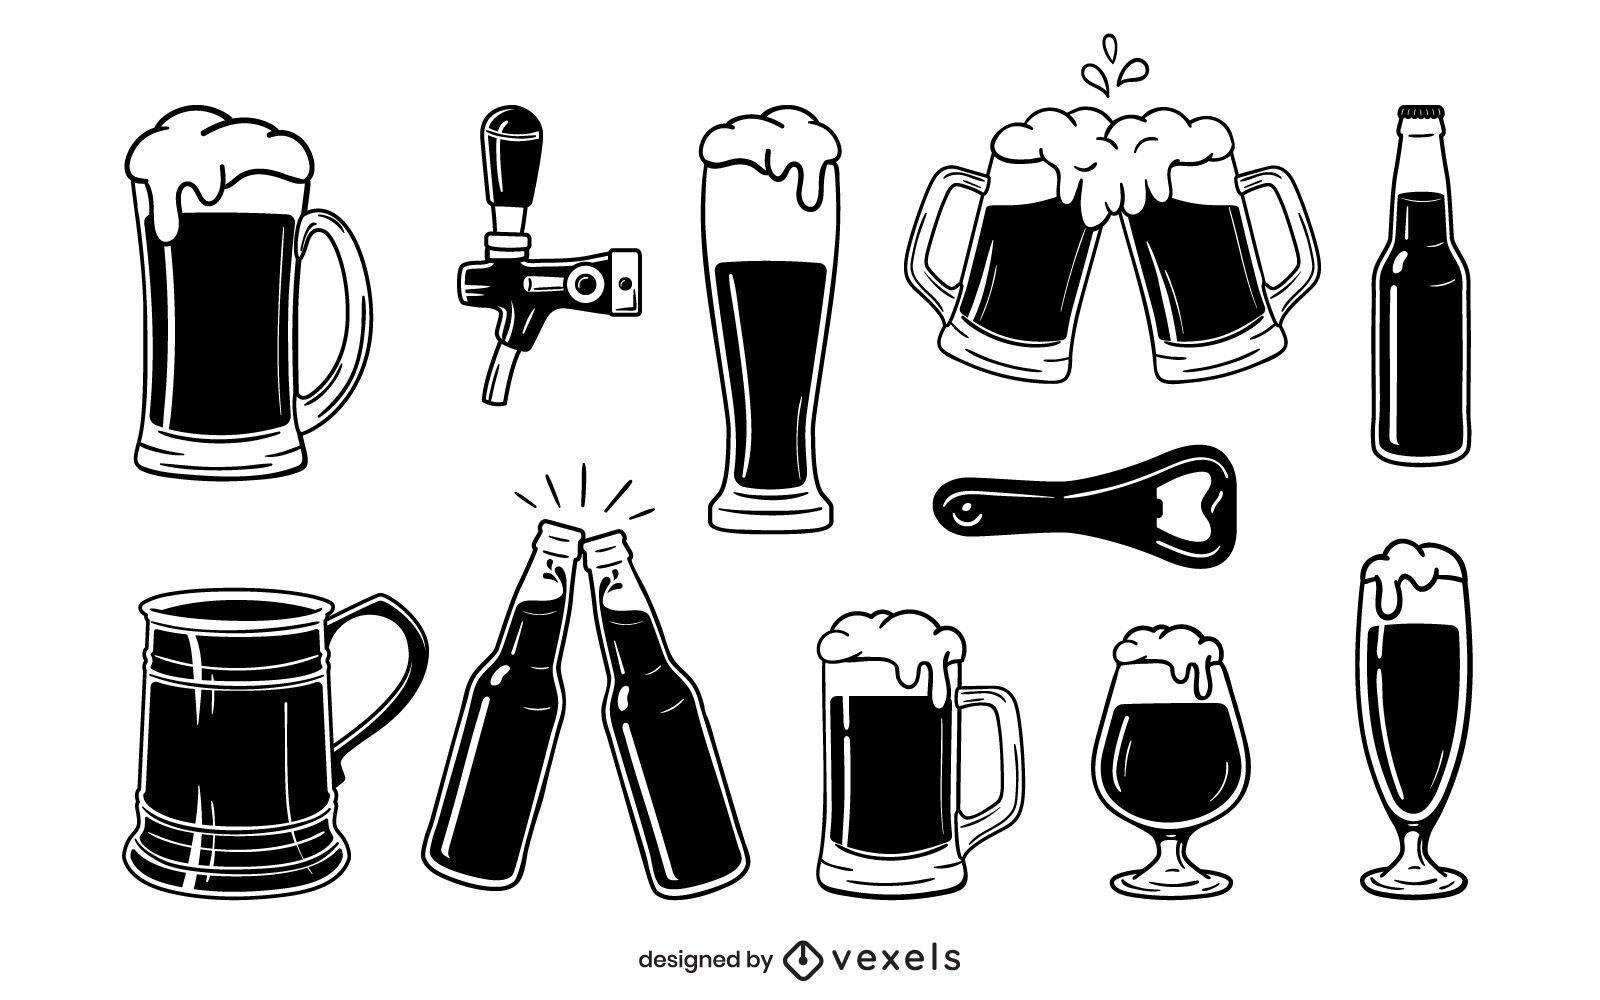 Cenografia de elementos de cerveja em preto e branco